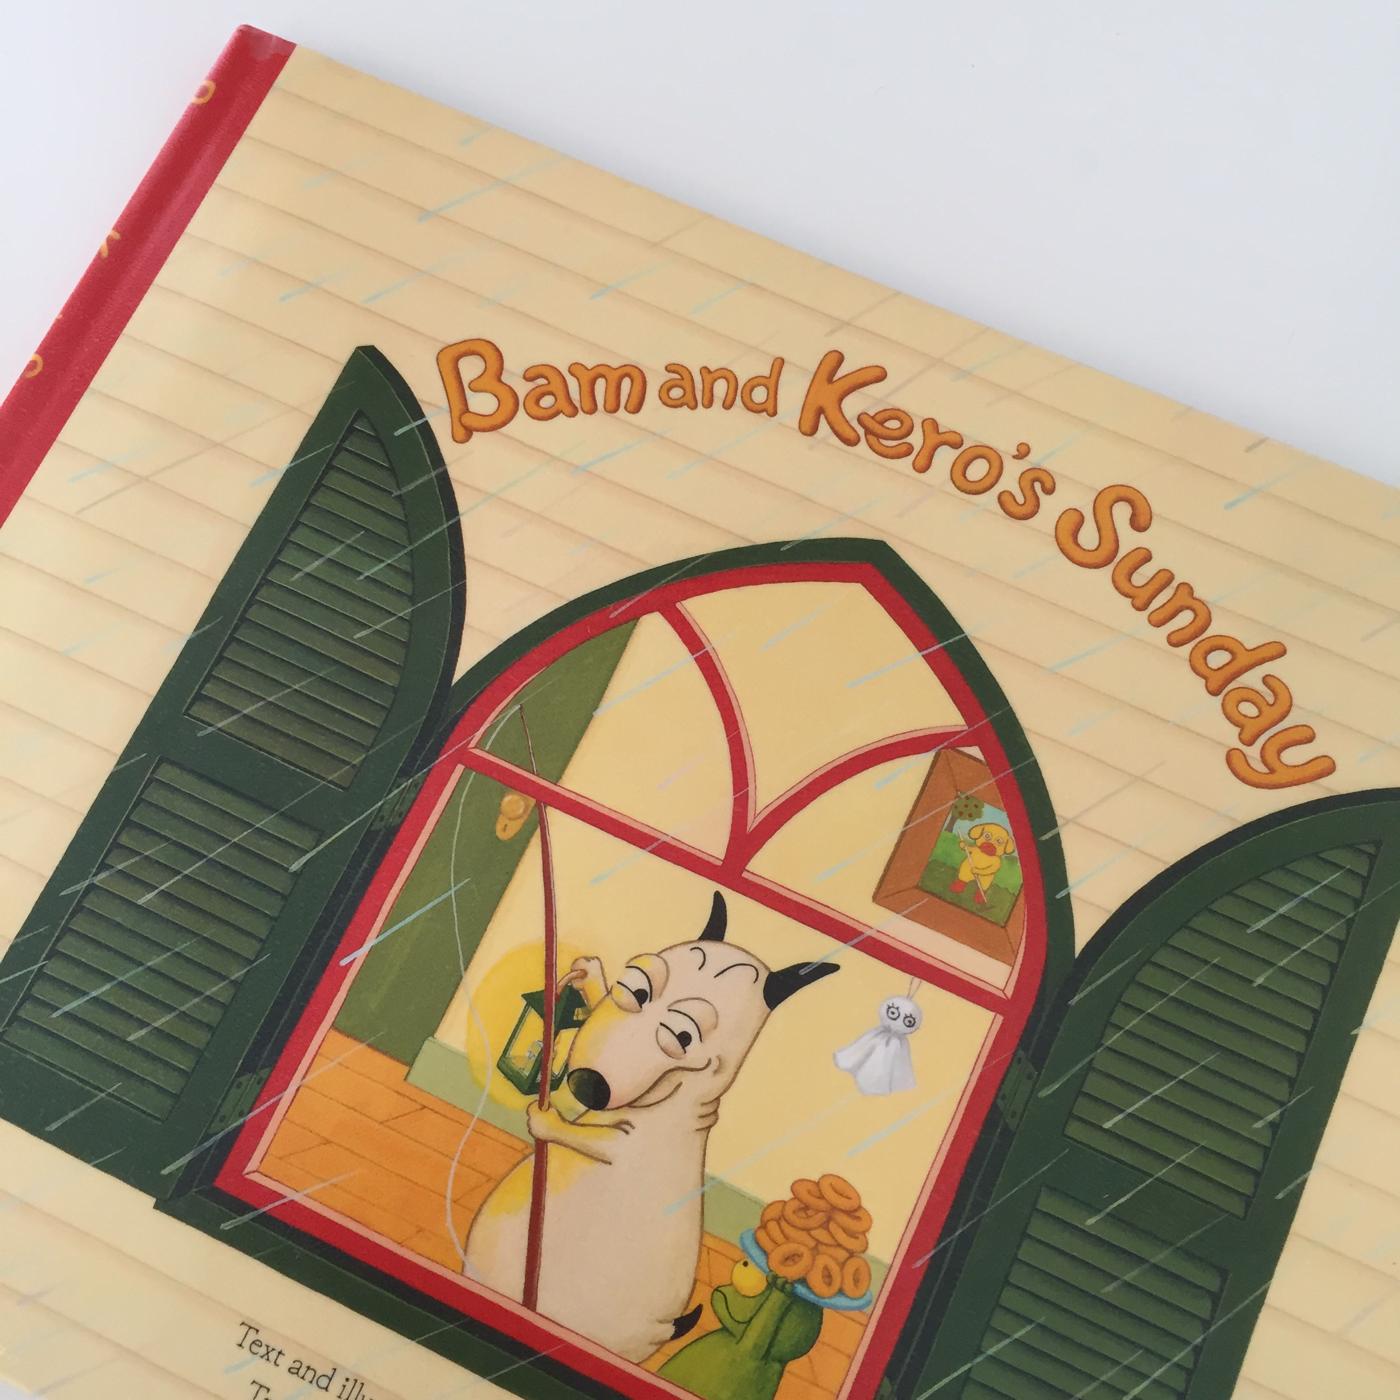 """""""Bam and Kero's sunday"""" 「 バムとケロのにちようび」英語版 (著者:田島ゆかさん)の読みどころは?"""